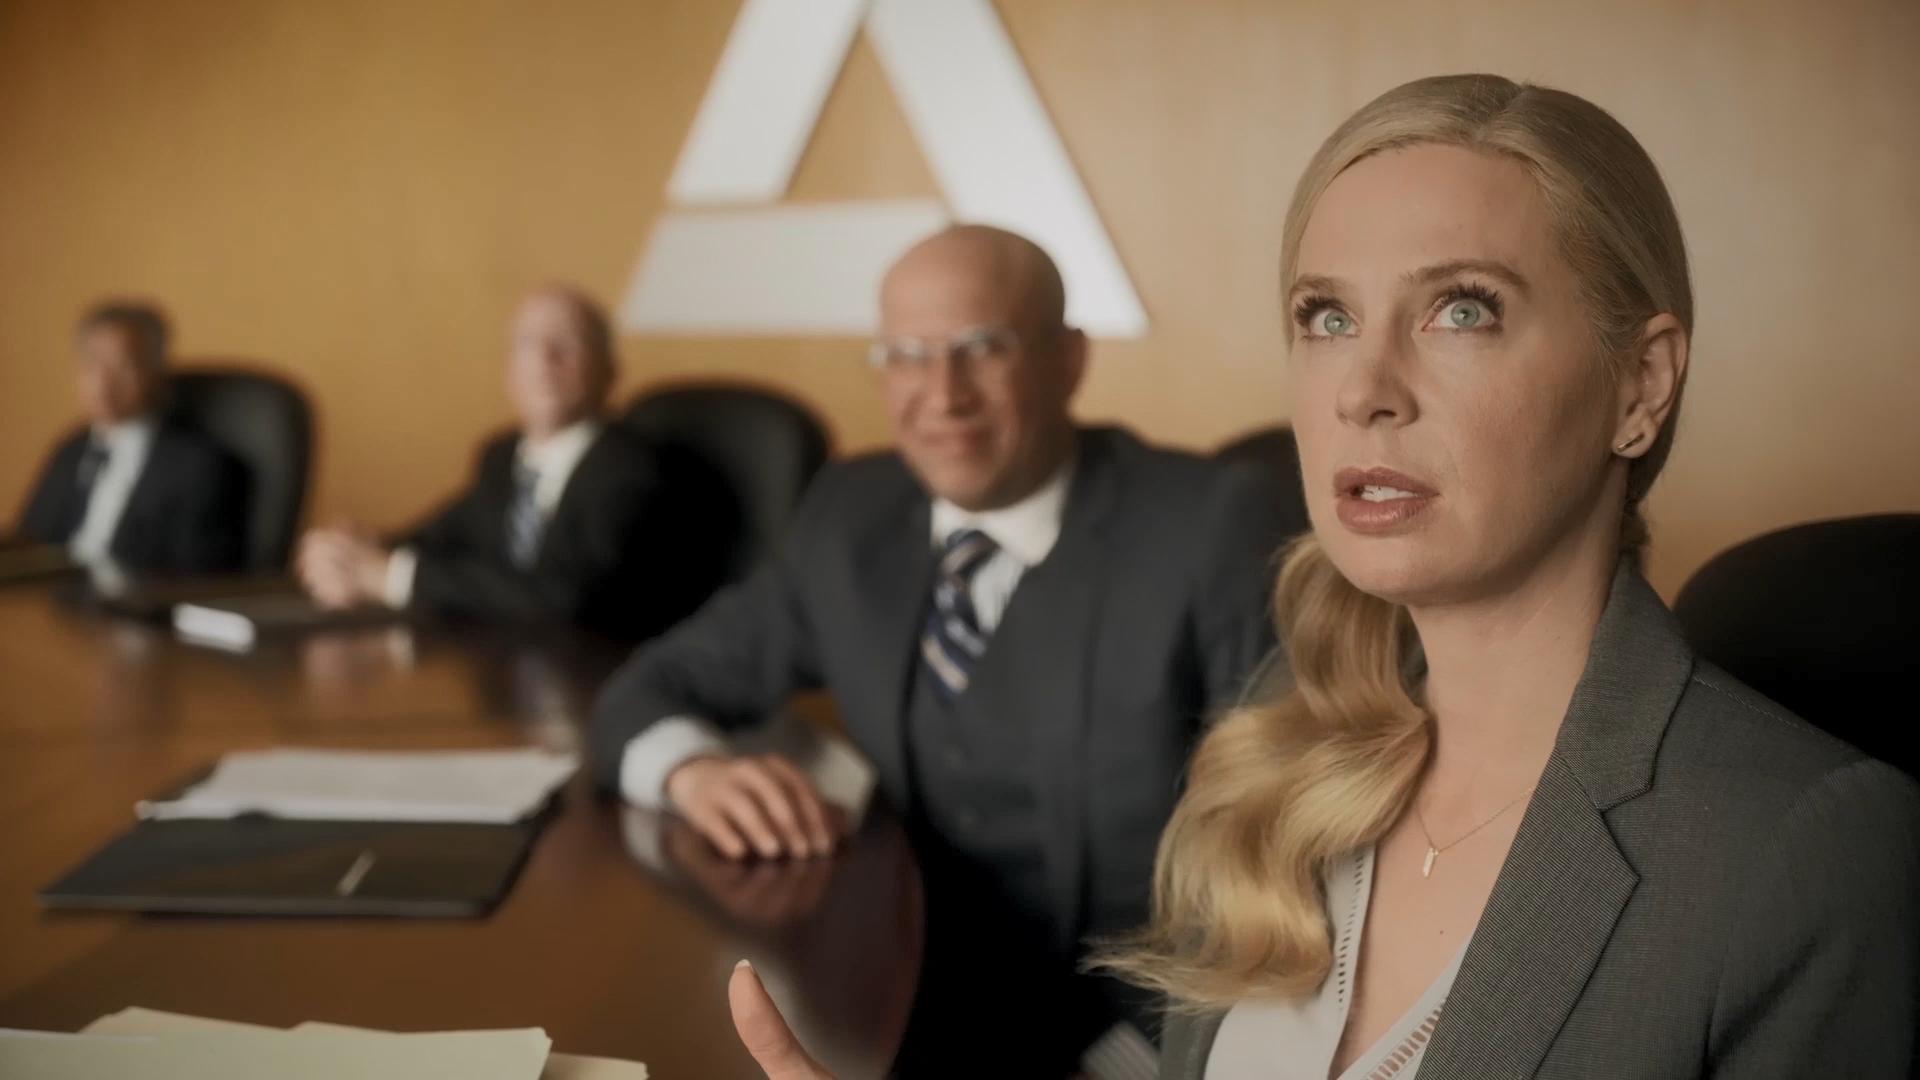 Изображение для Корпорация / Corporate, Сезон 3, Серия 1-6 из 6 (2020) WEBRip 1080p (кликните для просмотра полного изображения)